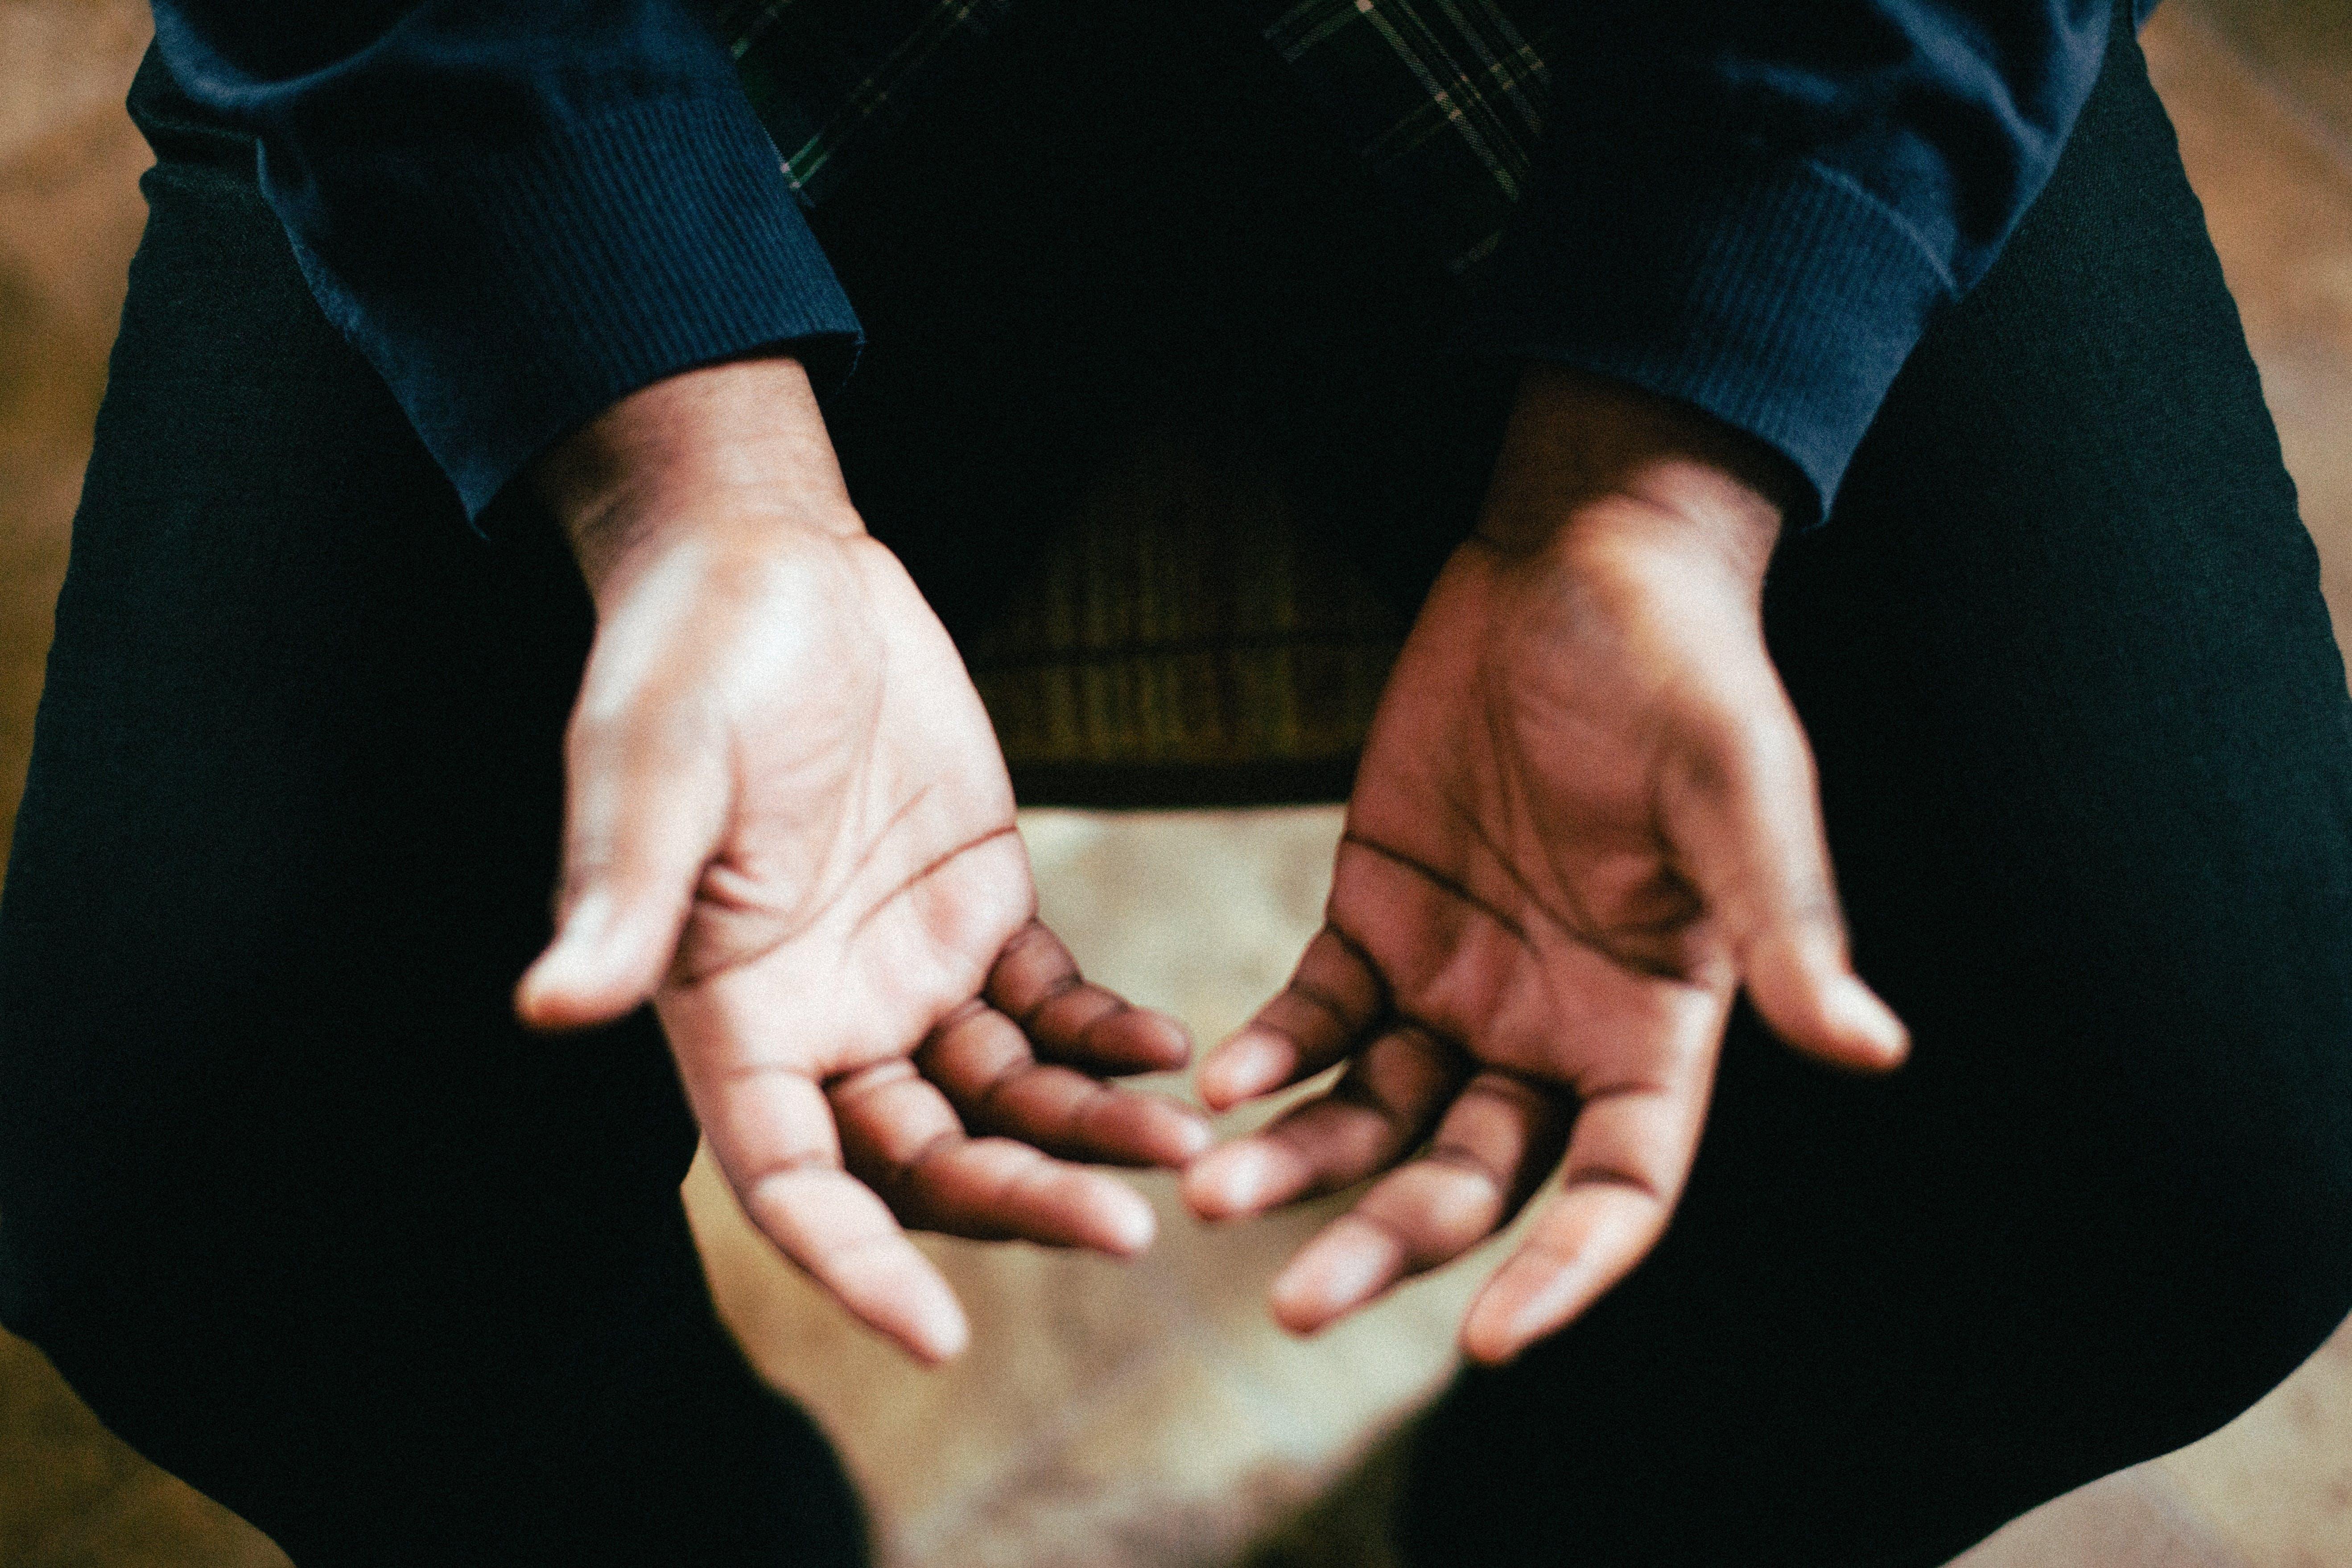 Hænder og fødder